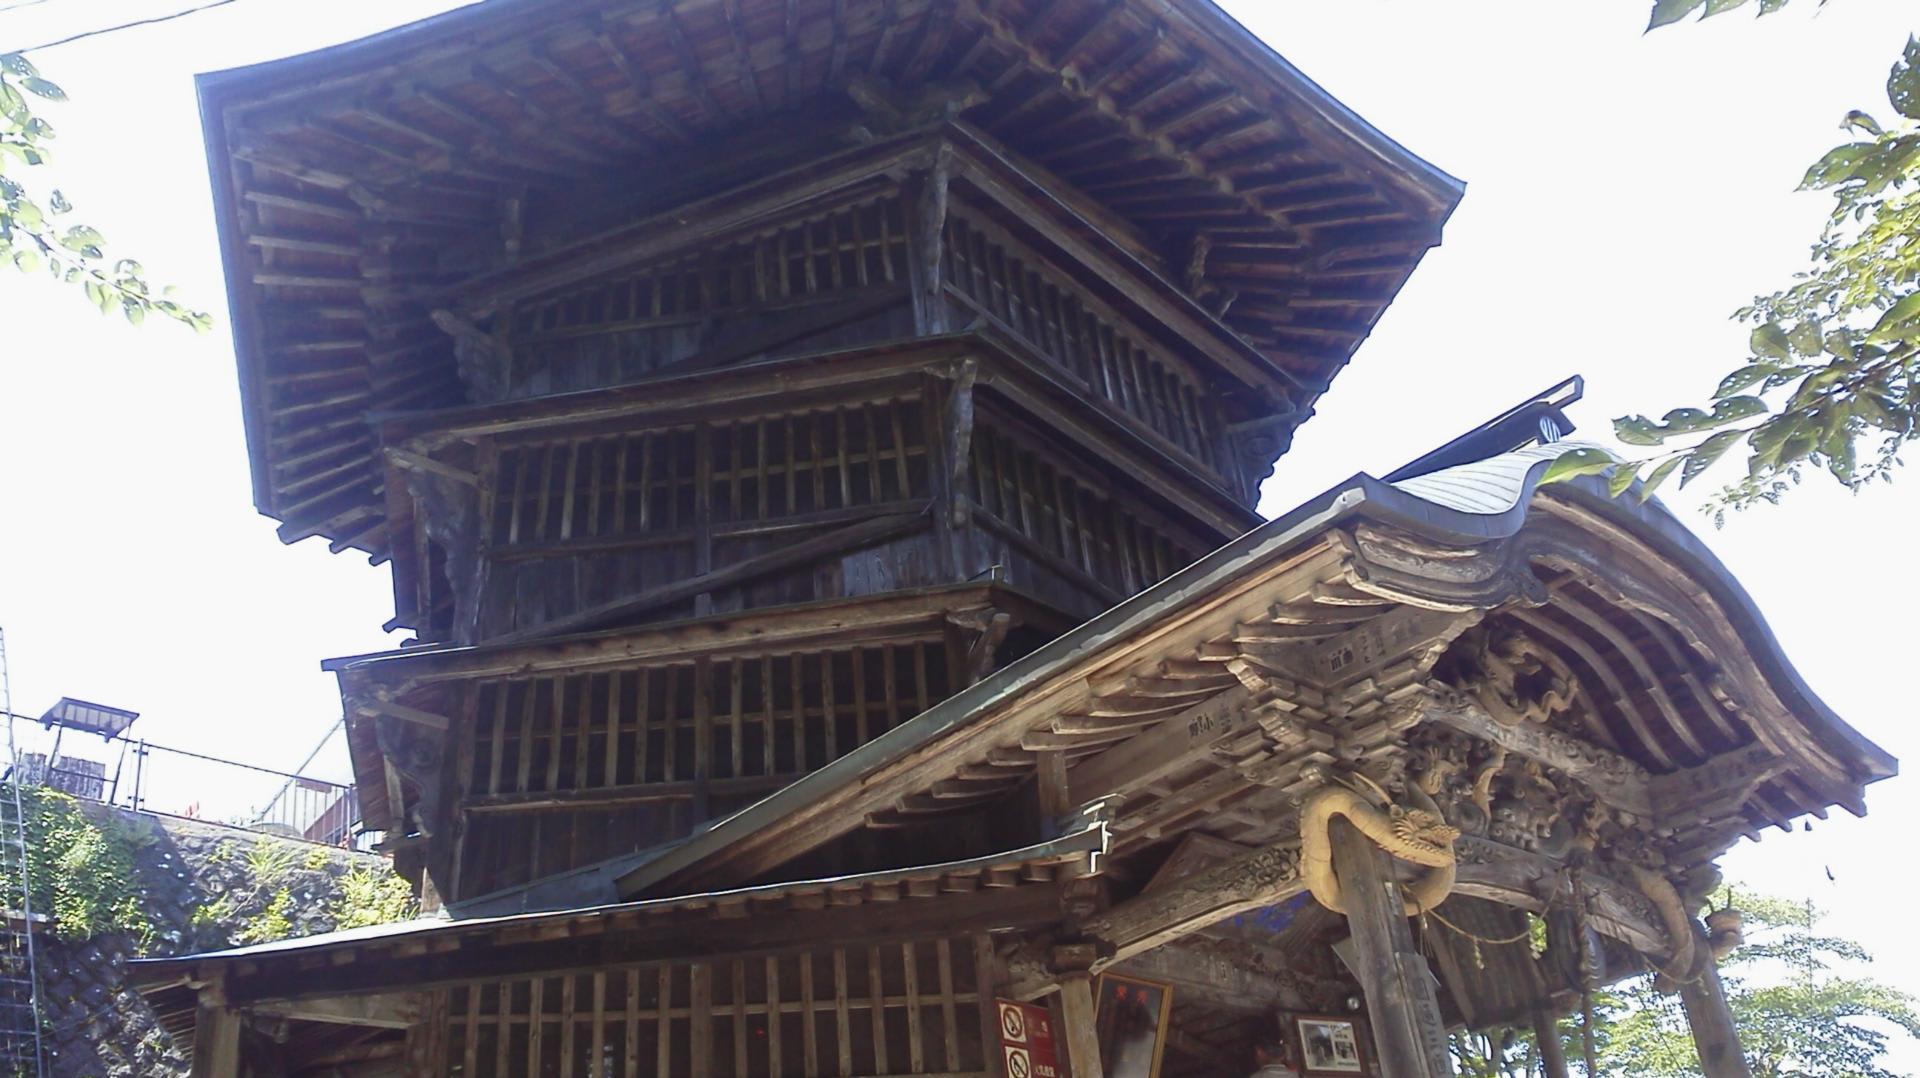 2016年8月9日のブログ記事一覧-拓栄建設株式会社 社長のブログ